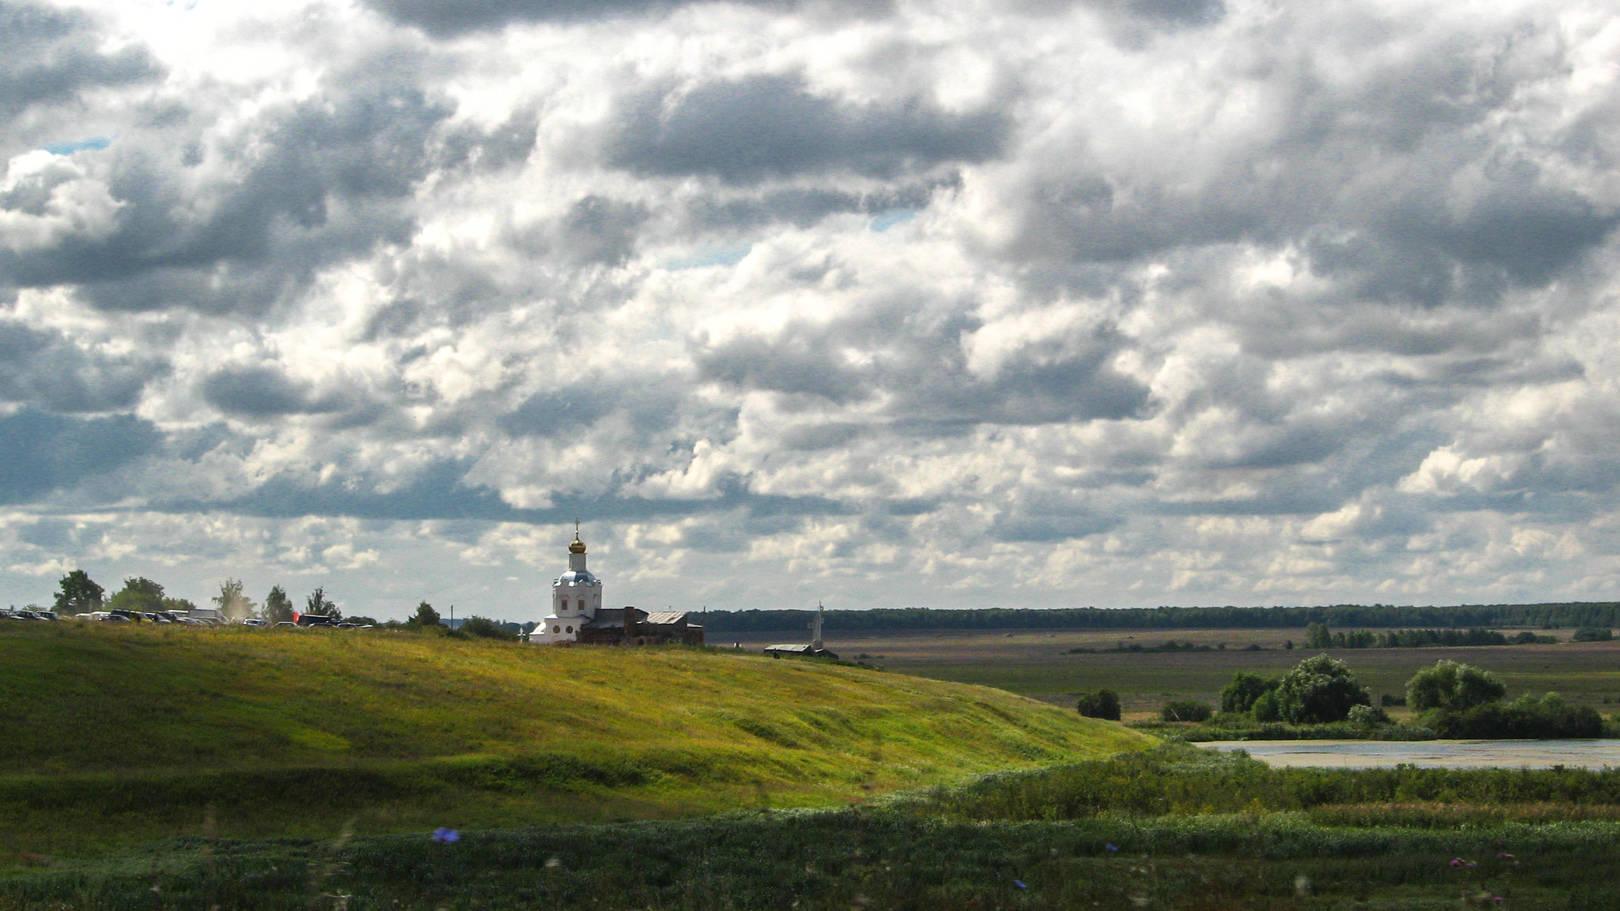 Бескрайни земли русские. Успенский храм в честь битвы на р.Воже (11 августа 1378 года). Рязанская область